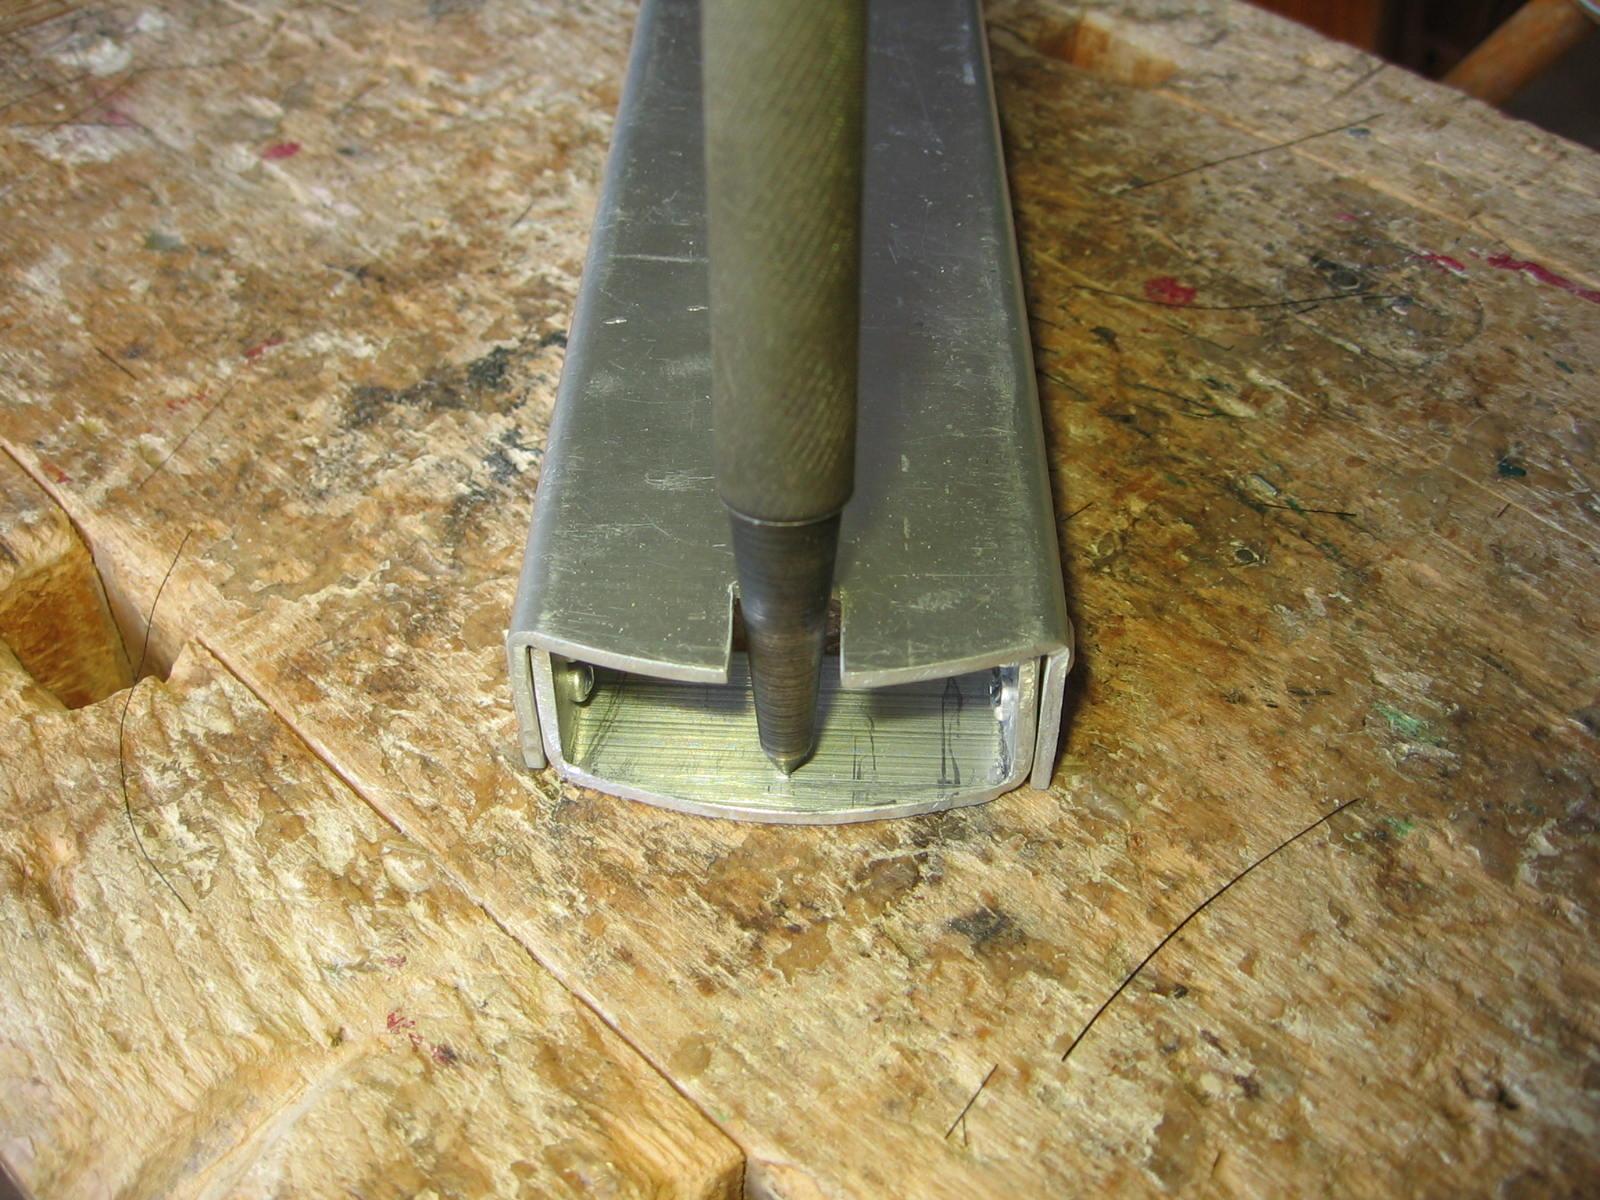 Så skal jeg have lavet et hul til den 3mm skrue som skal holder karossen og undervognen sammen.